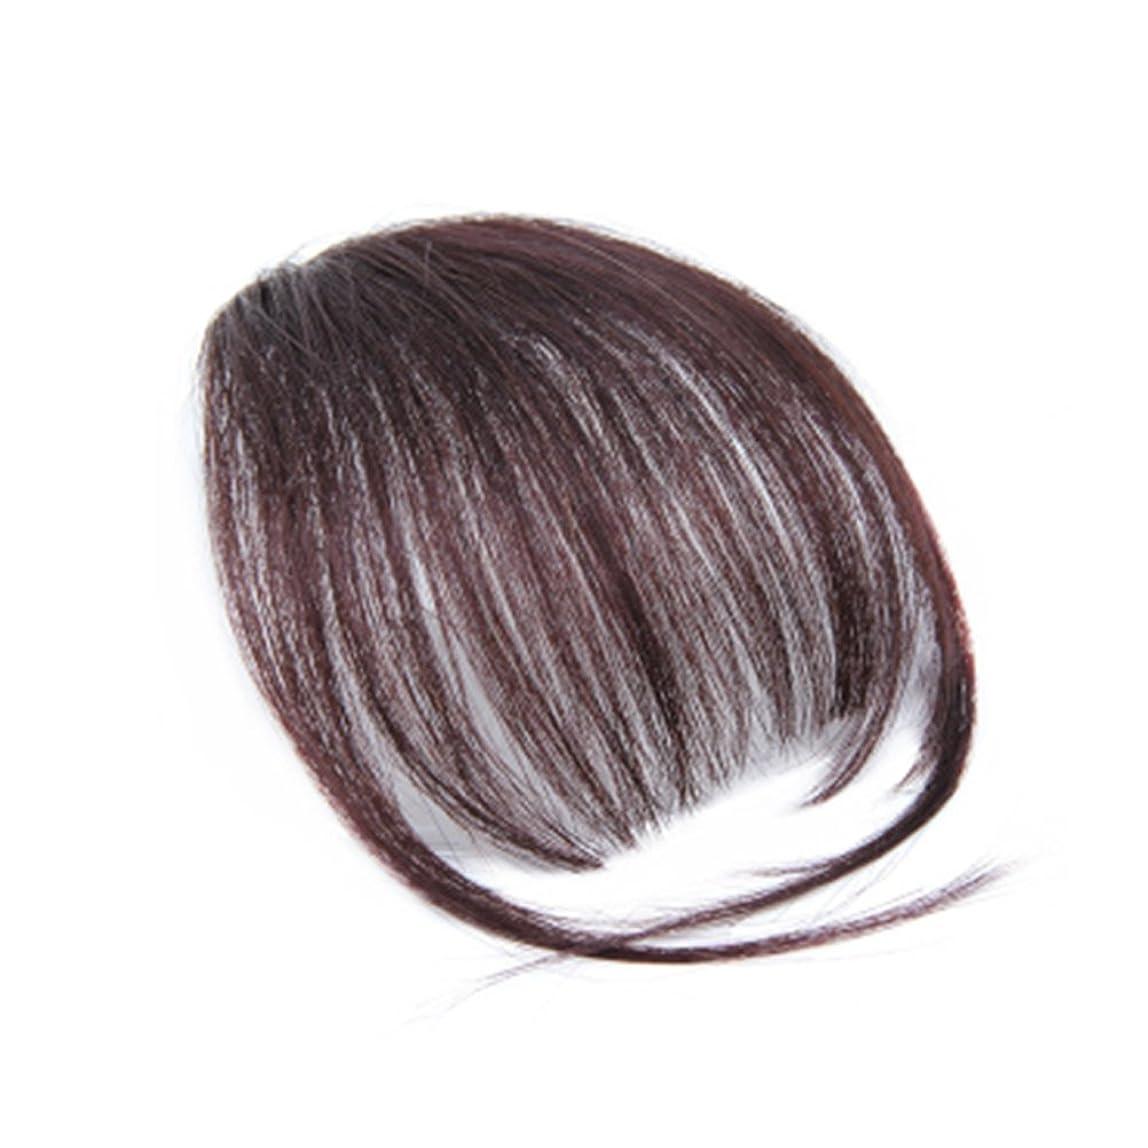 実行衝突わずかにSUPVOX 寺院の天然の本物の人間の髪の平らな前髪/フリンジの手の結び目前髪クリップインヘアエクステンション(ダークブラウン)